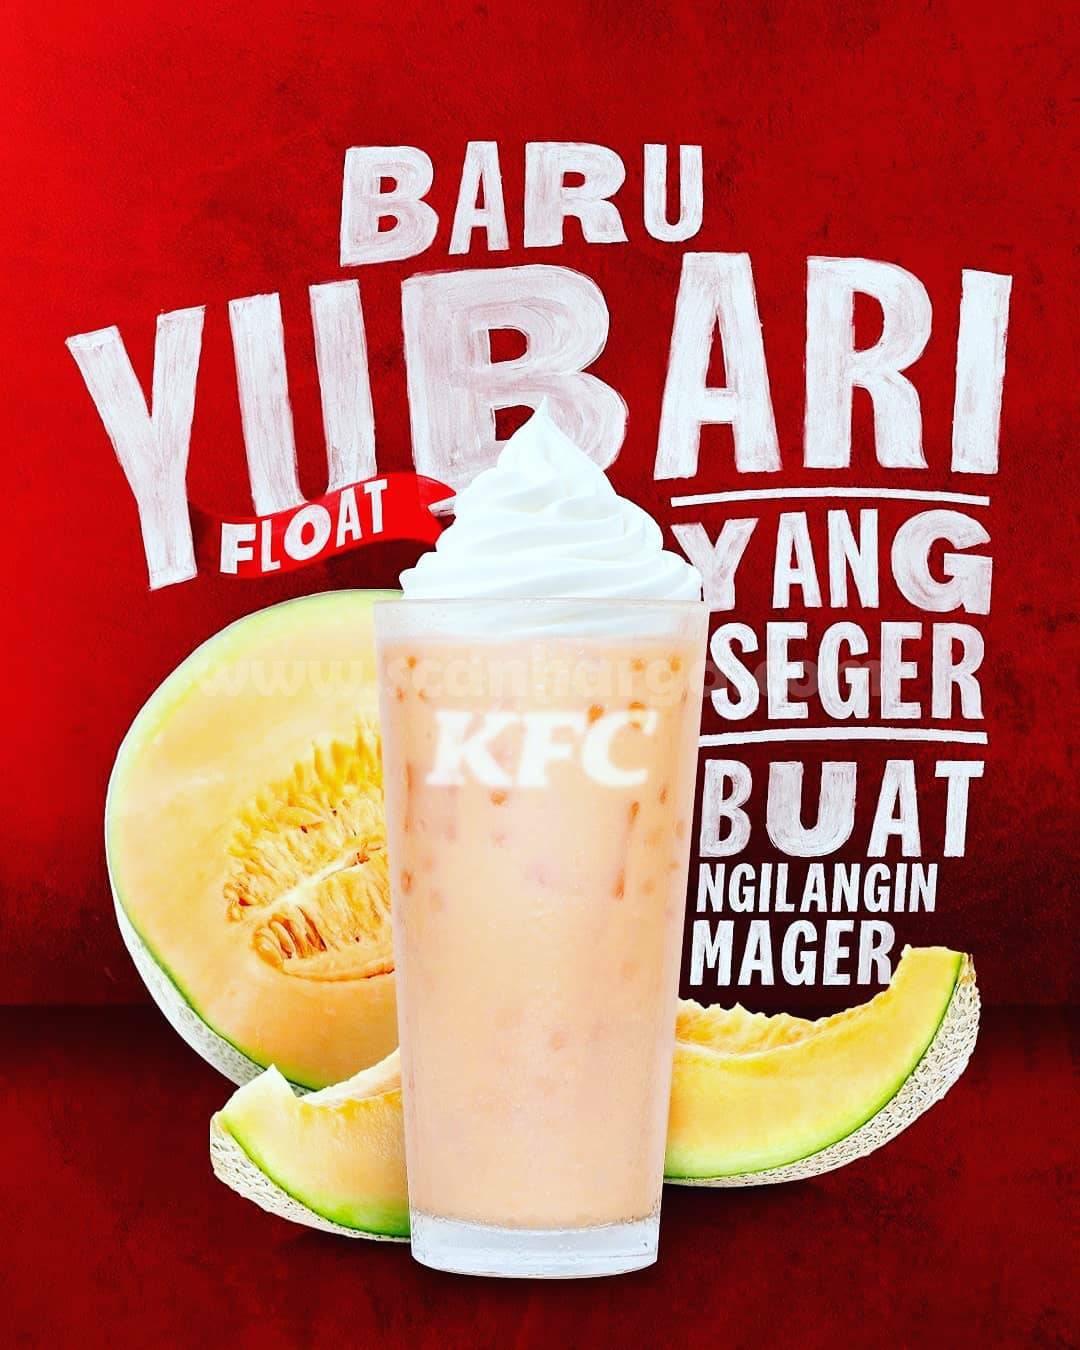 KFC YUBARI FLOAT - Minuman Melon Jepang Terbaru dari KFC